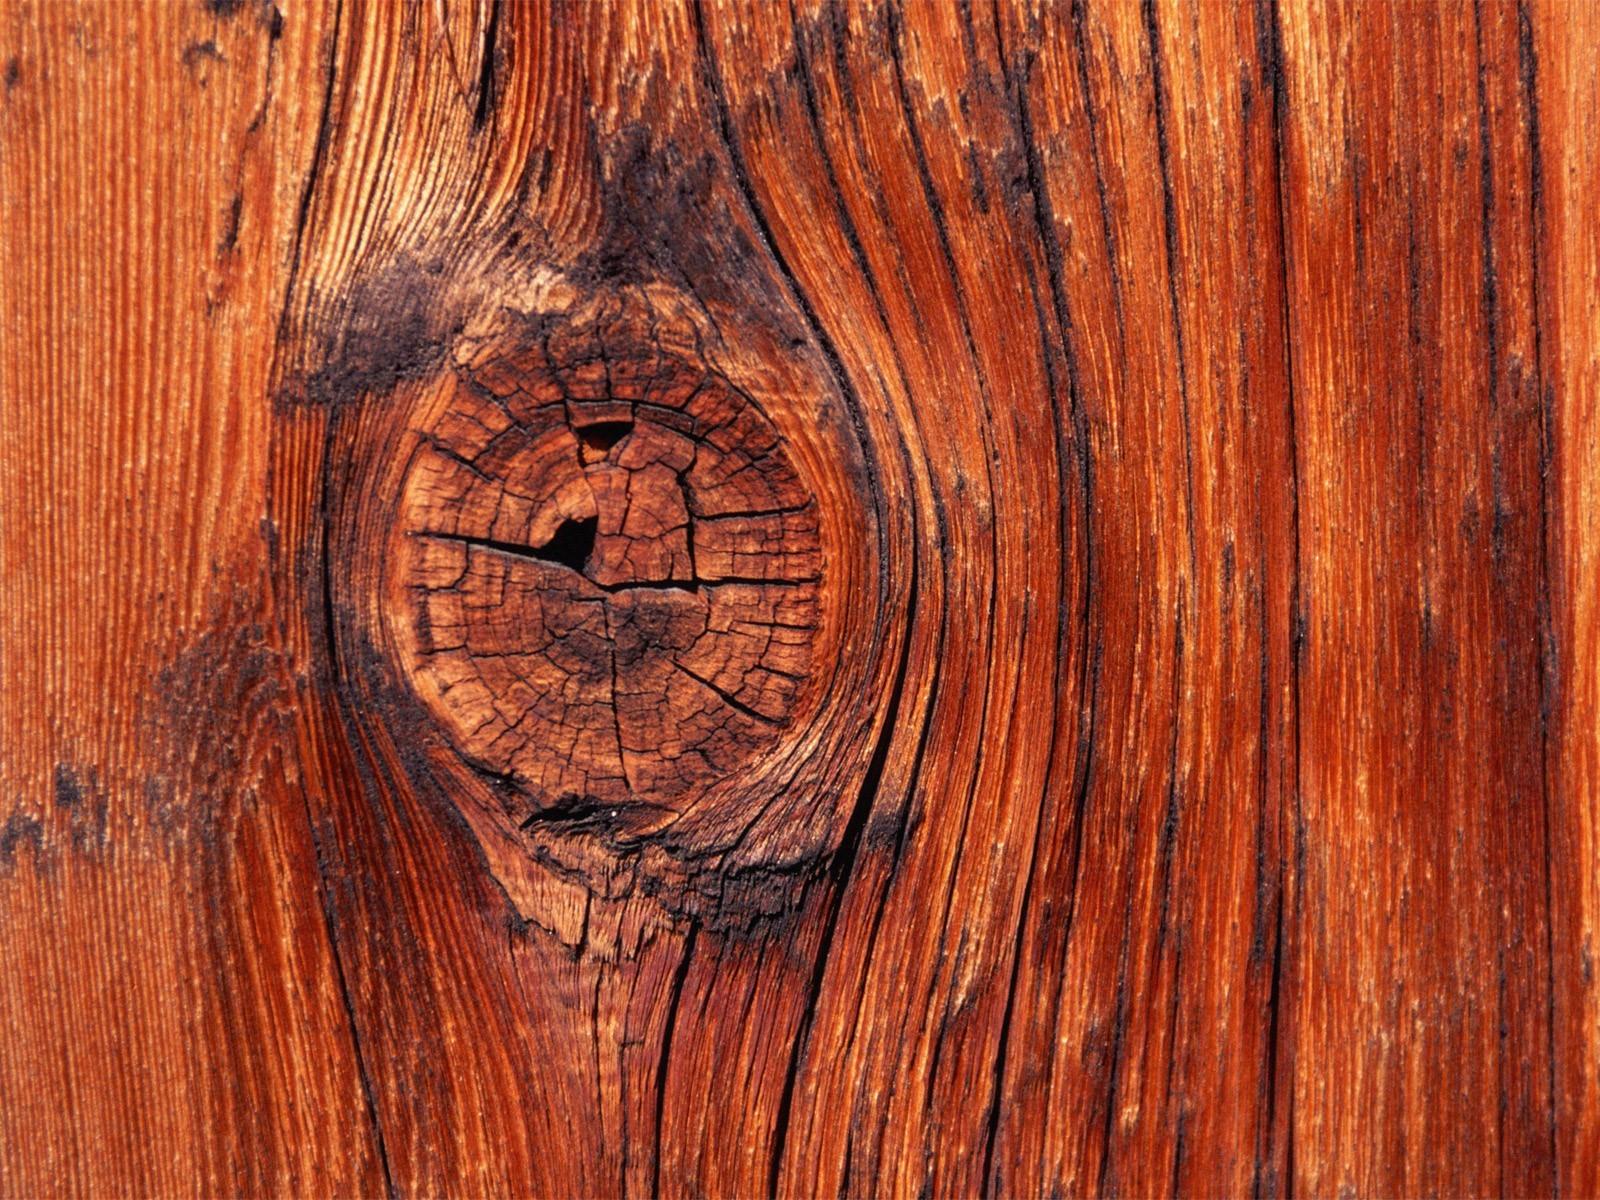 сучок от дерева: